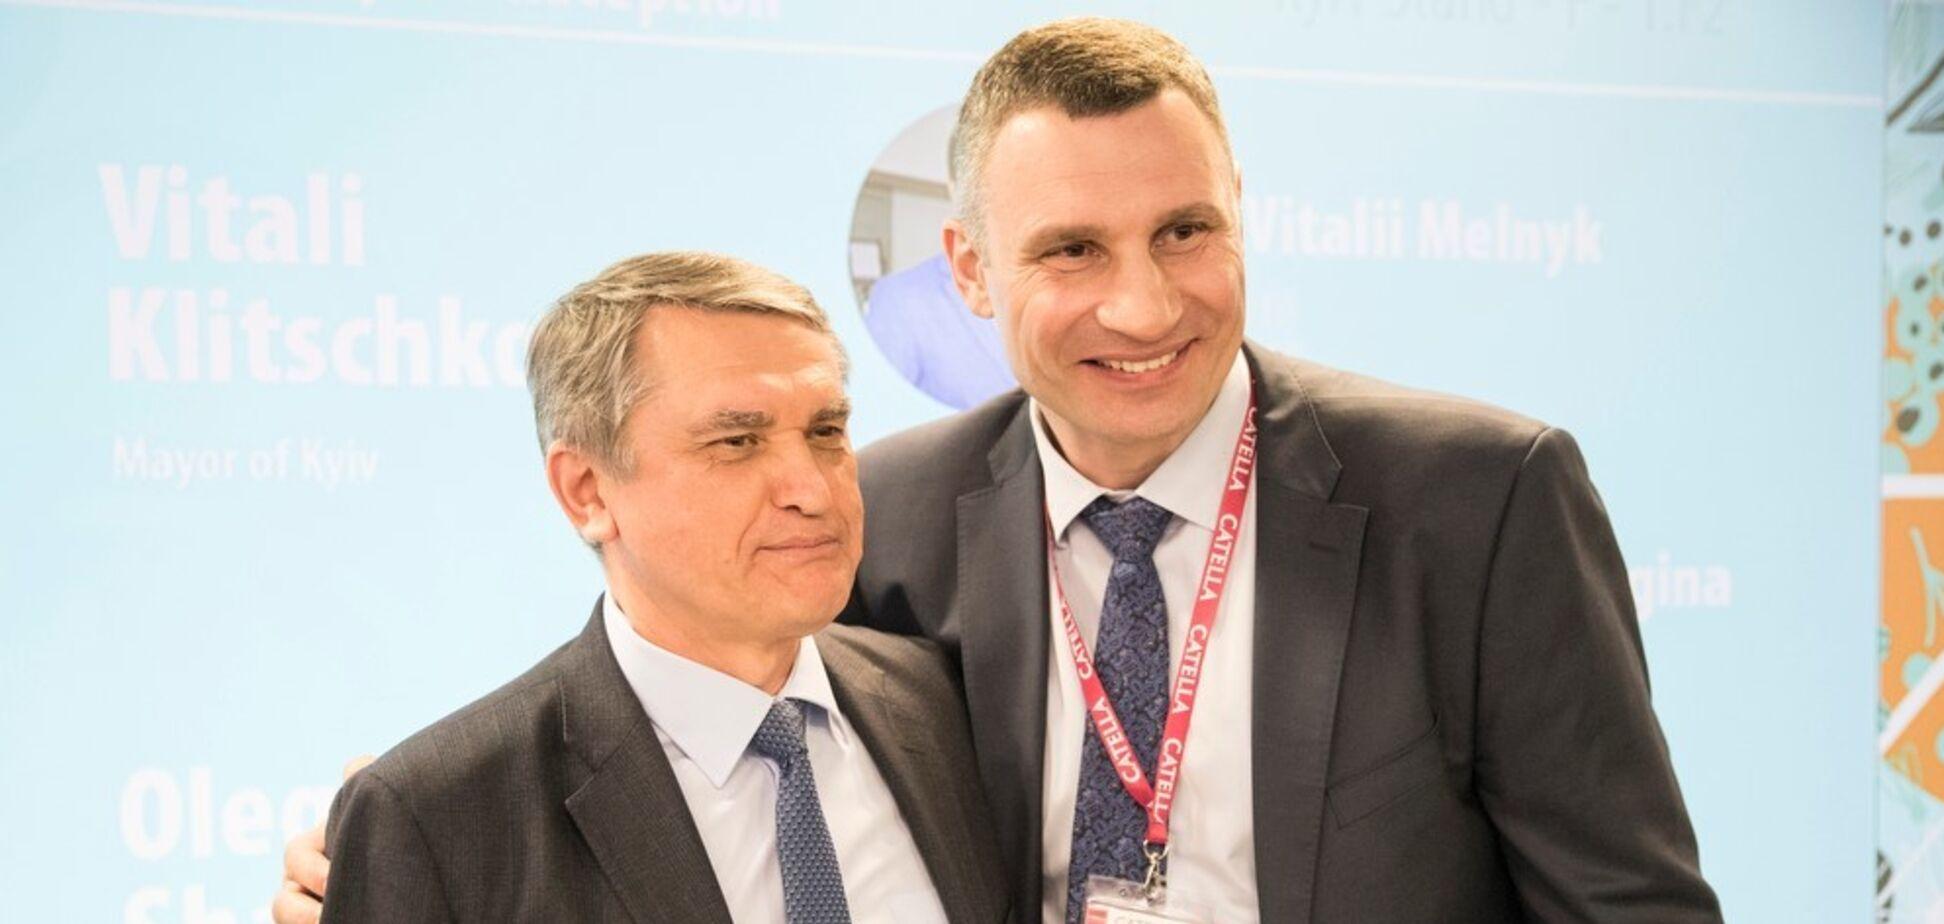 Кличко у Канах отримав міжнародну відзнаку Києва за зниження бюрократії